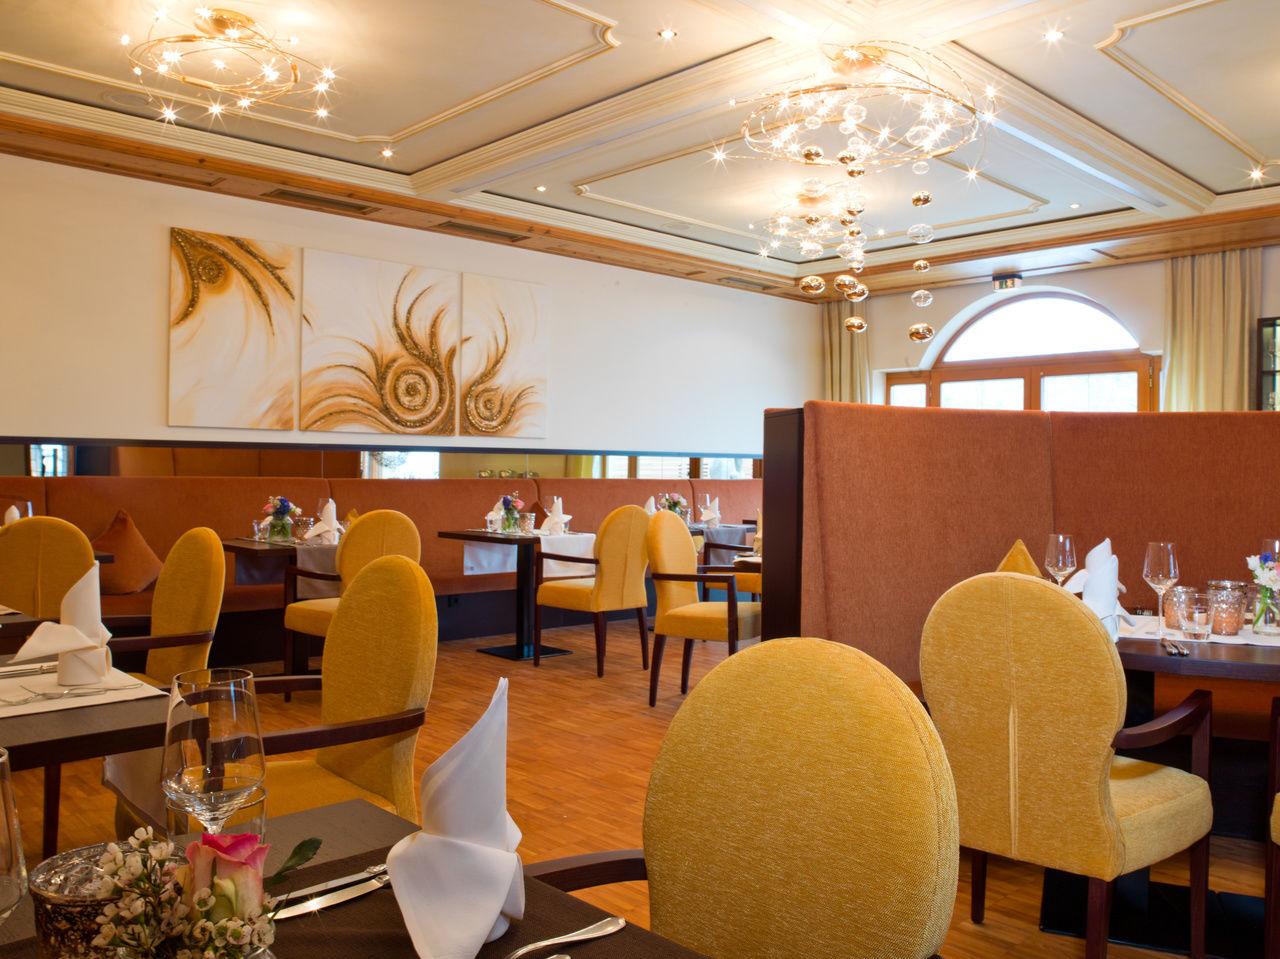 Kamin Restaurant Landhotel Birkenhof Restaurant Oberpfalz